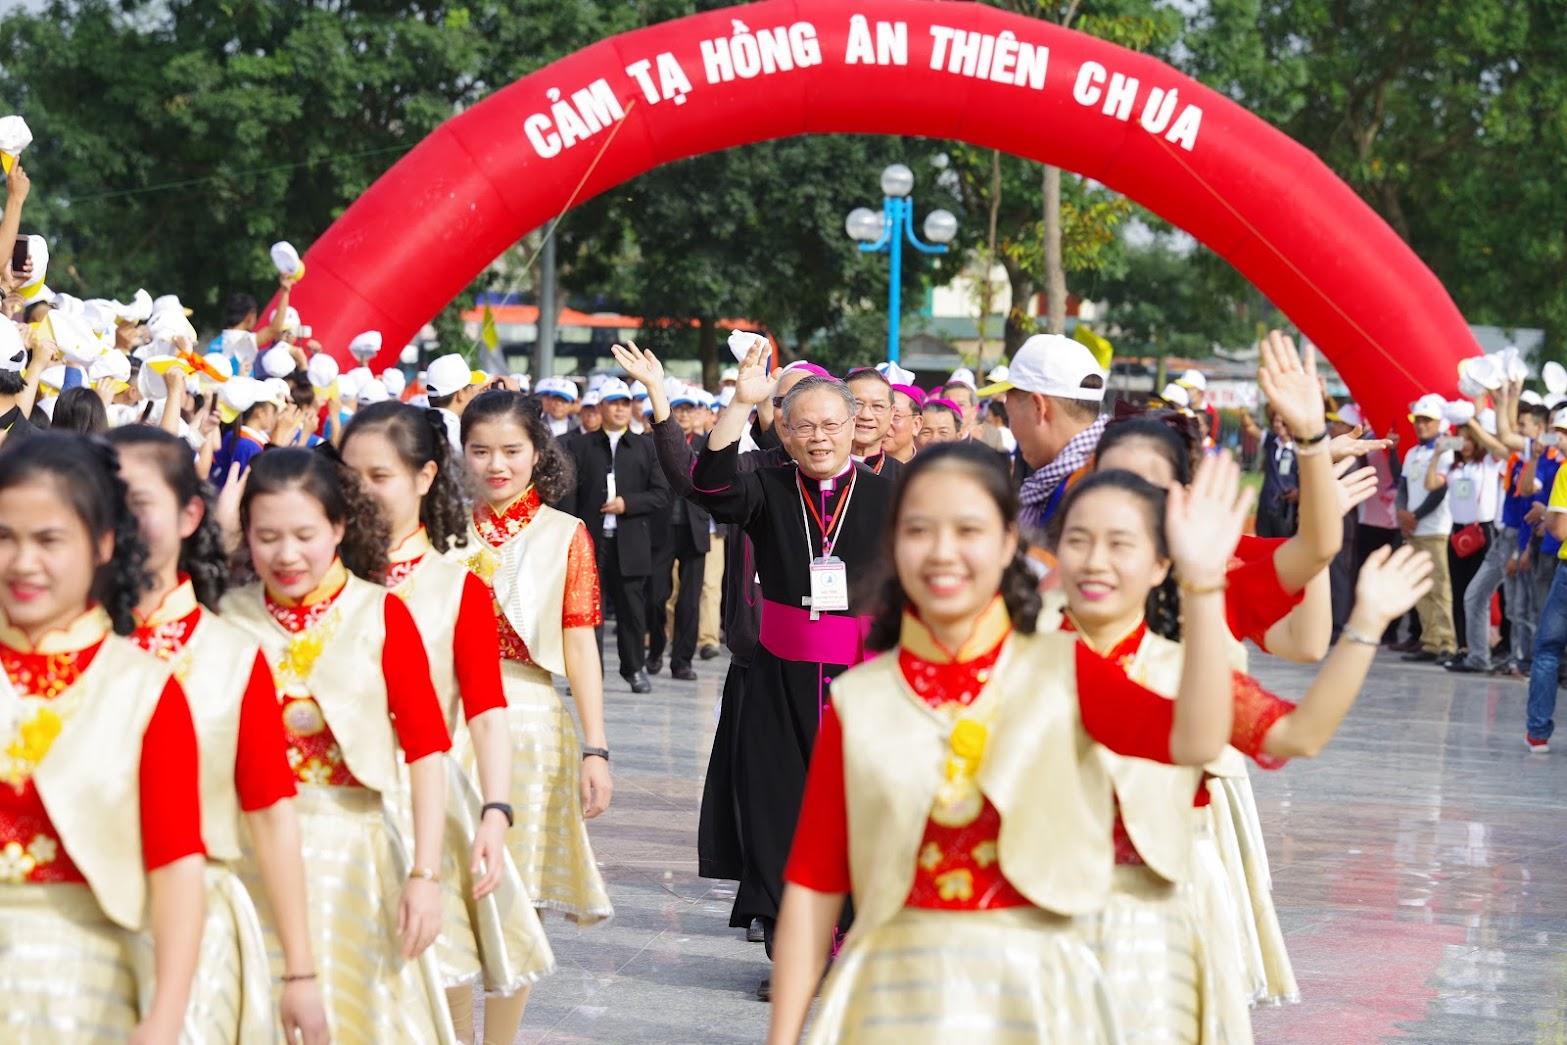 Những hình ảnh đẹp về lễ khai mạc Đại Hội Giới Trẻ giáo tỉnh Hà Nội lần thứ XV tại Thanh Hóa - Ảnh minh hoạ 10